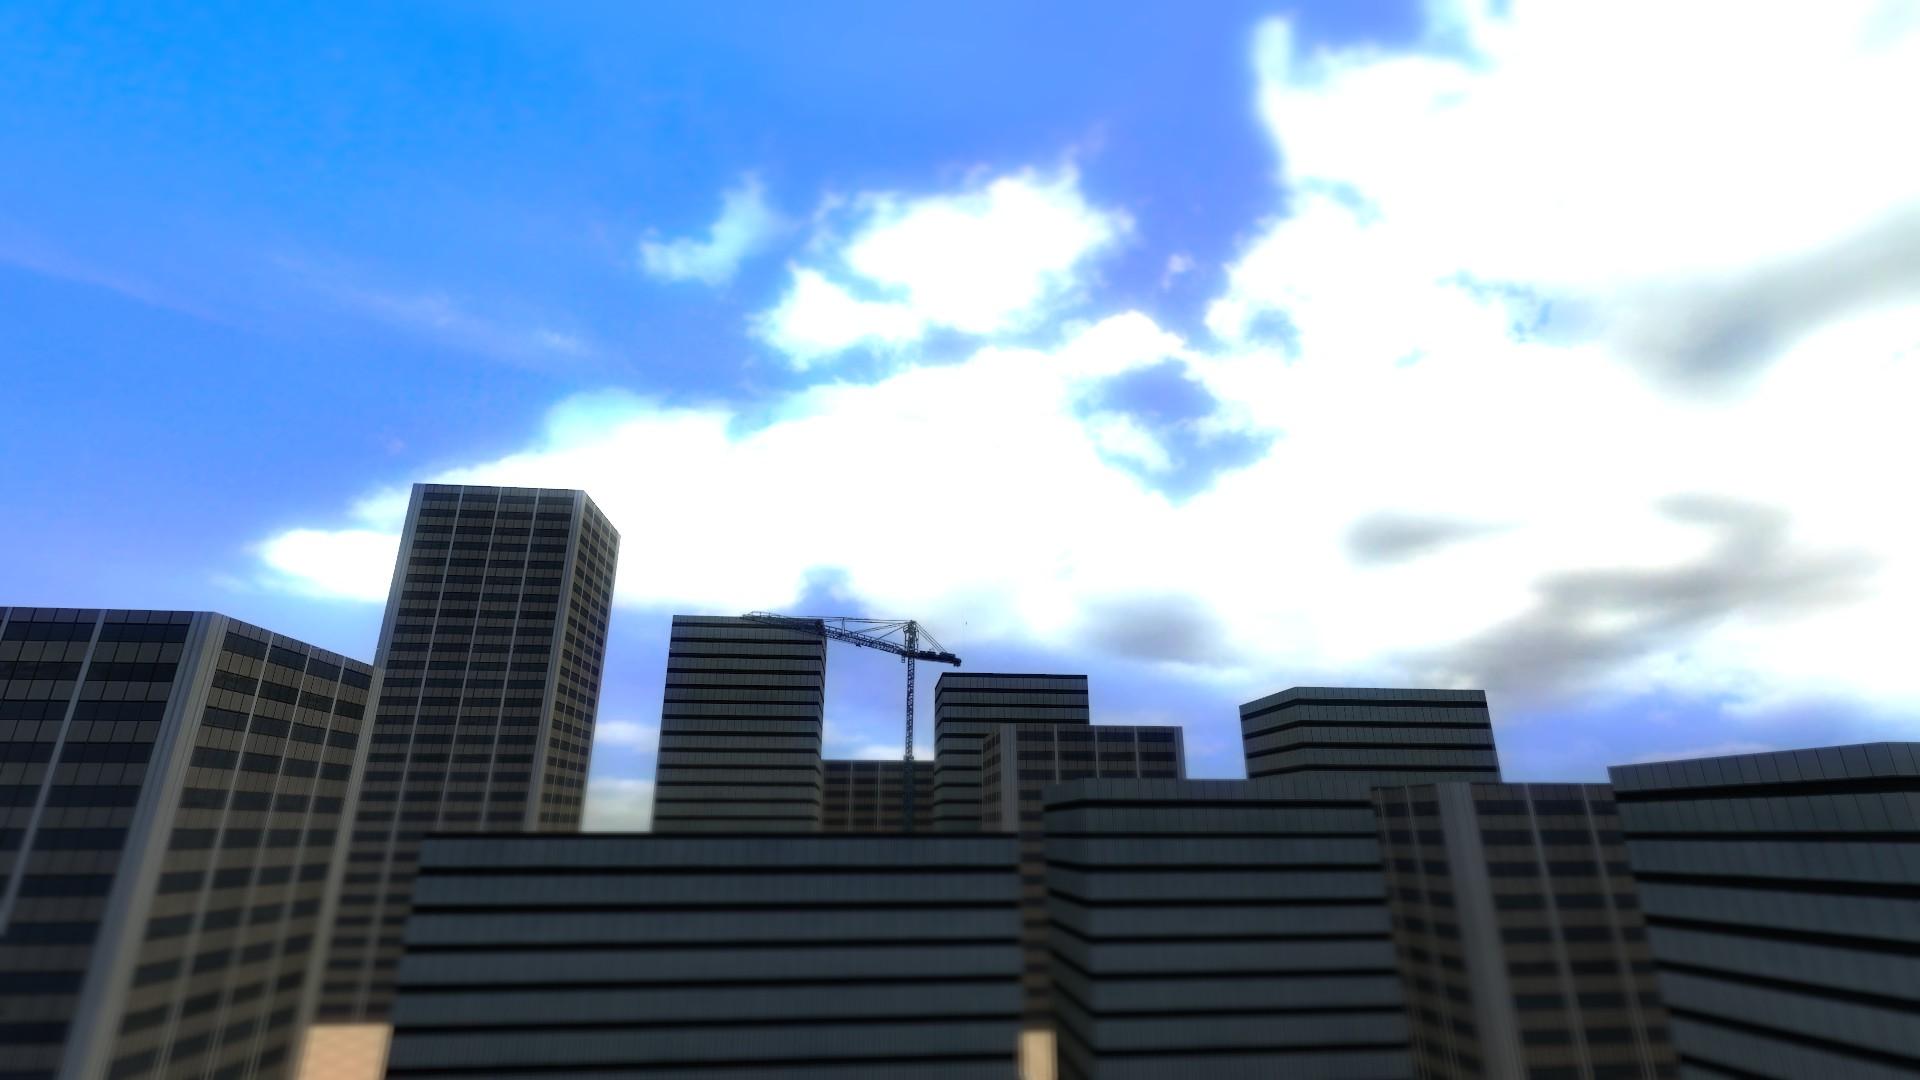 BigCity - Half-Life 2 Карта называется gm_bigcity